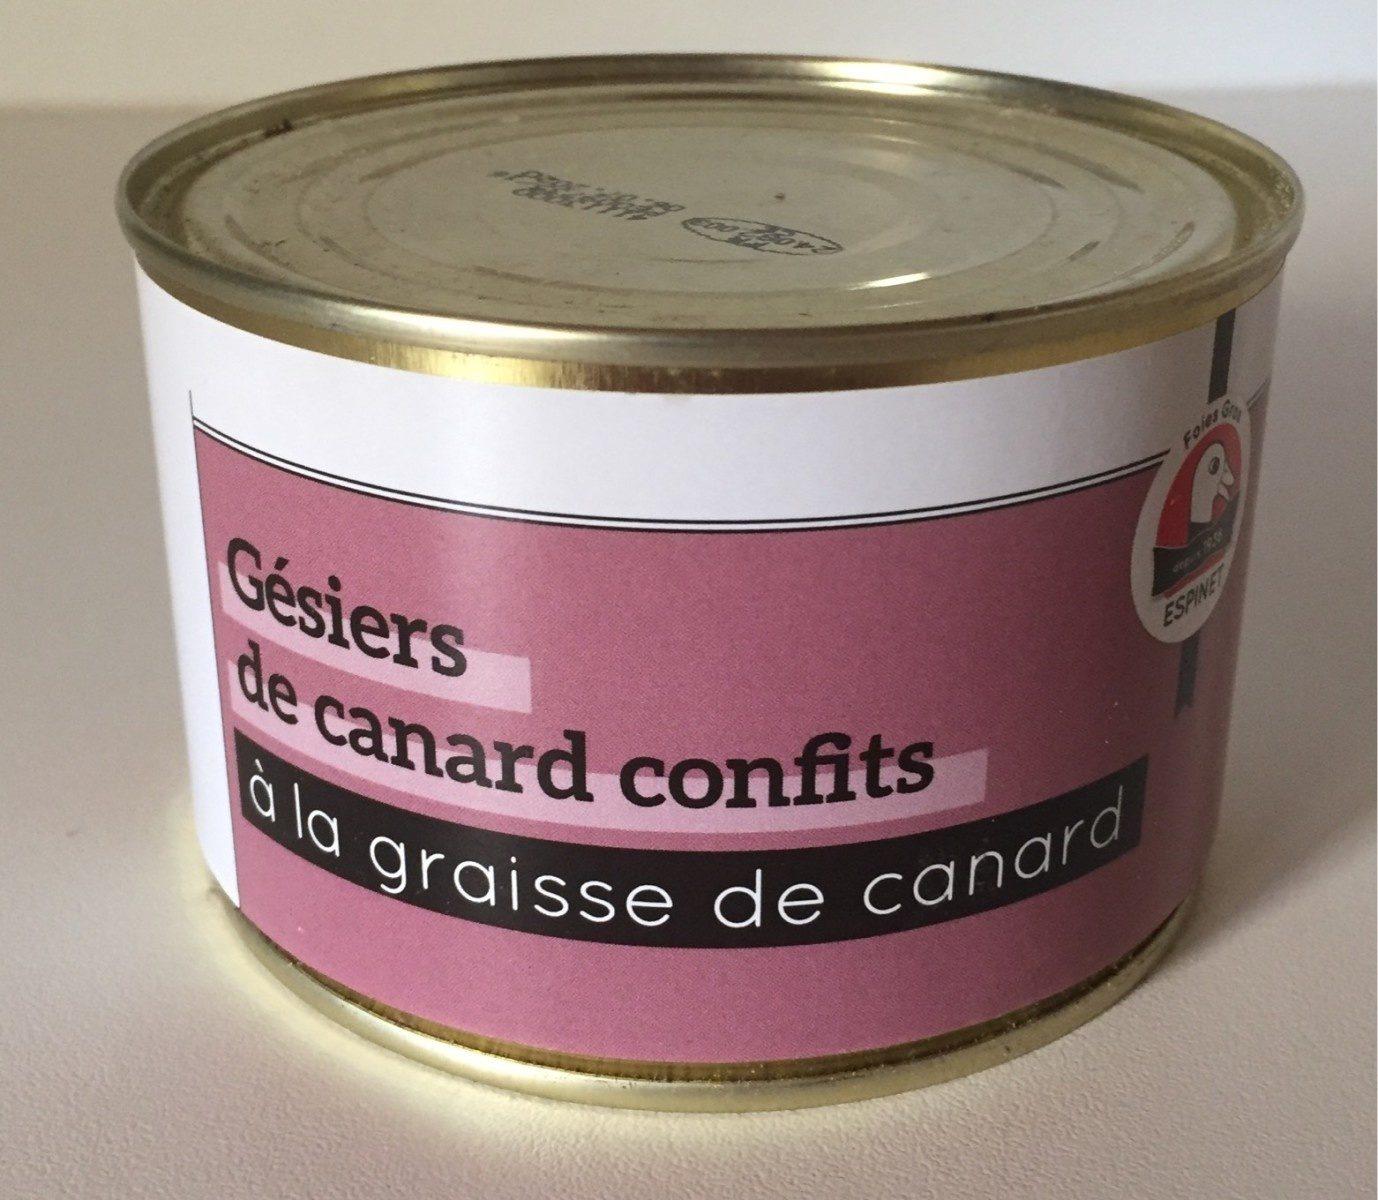 Gésiers de canard confits à la graisse de canard ESPINET - Product